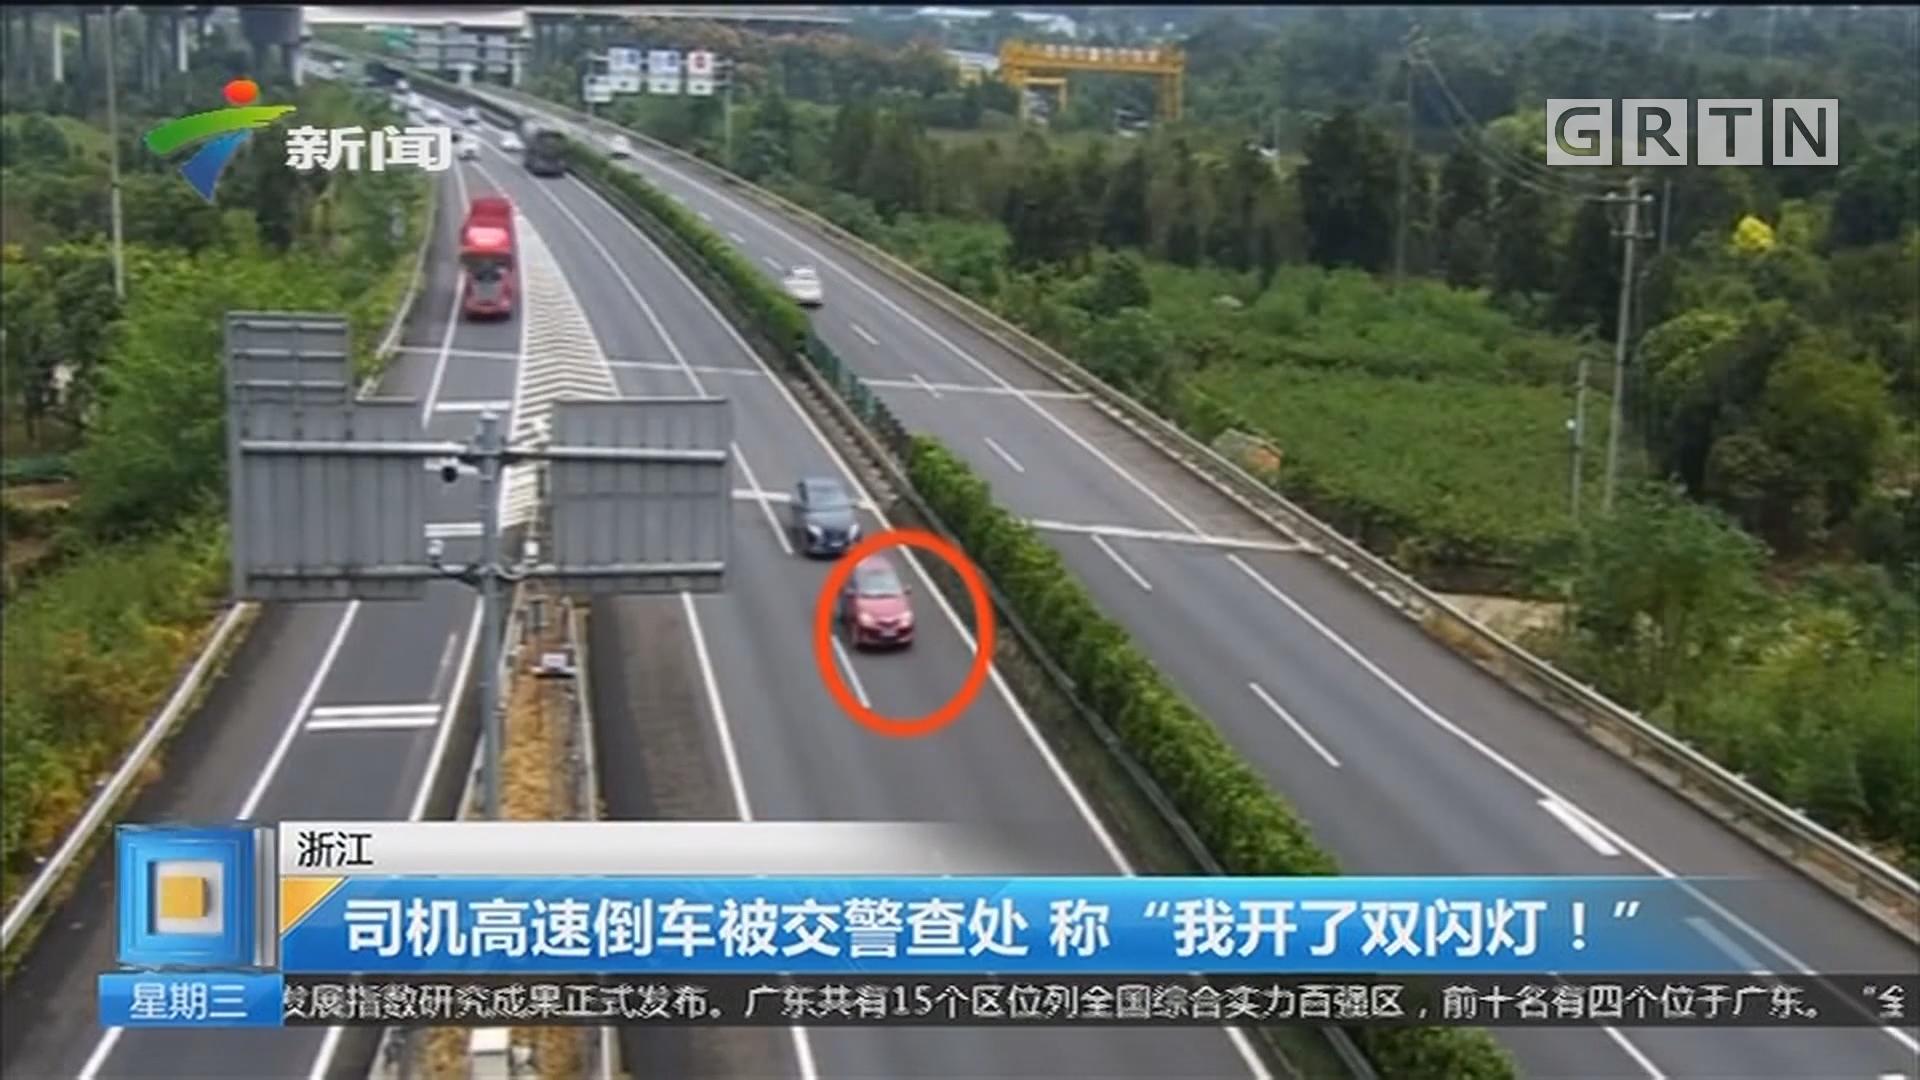 """浙江:司机高速倒车被交警查处 称""""我开了双闪灯!"""""""